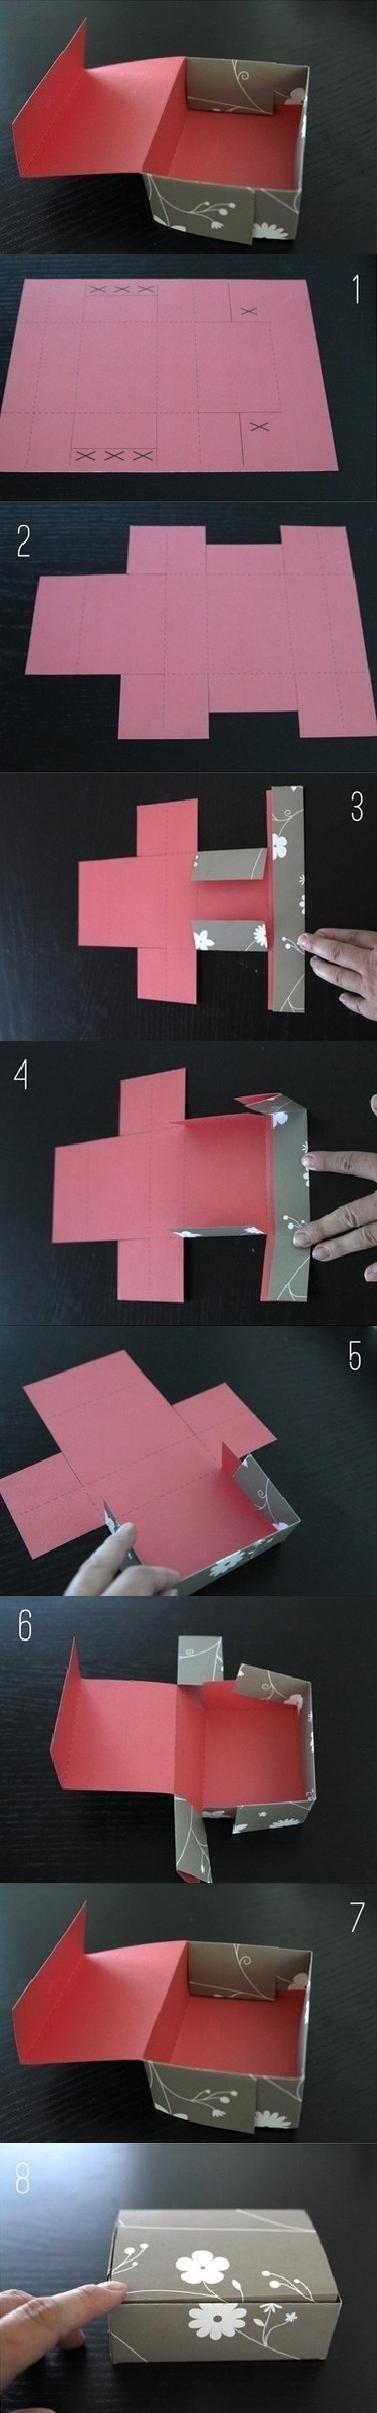 DIY Simple Gift Box DIY